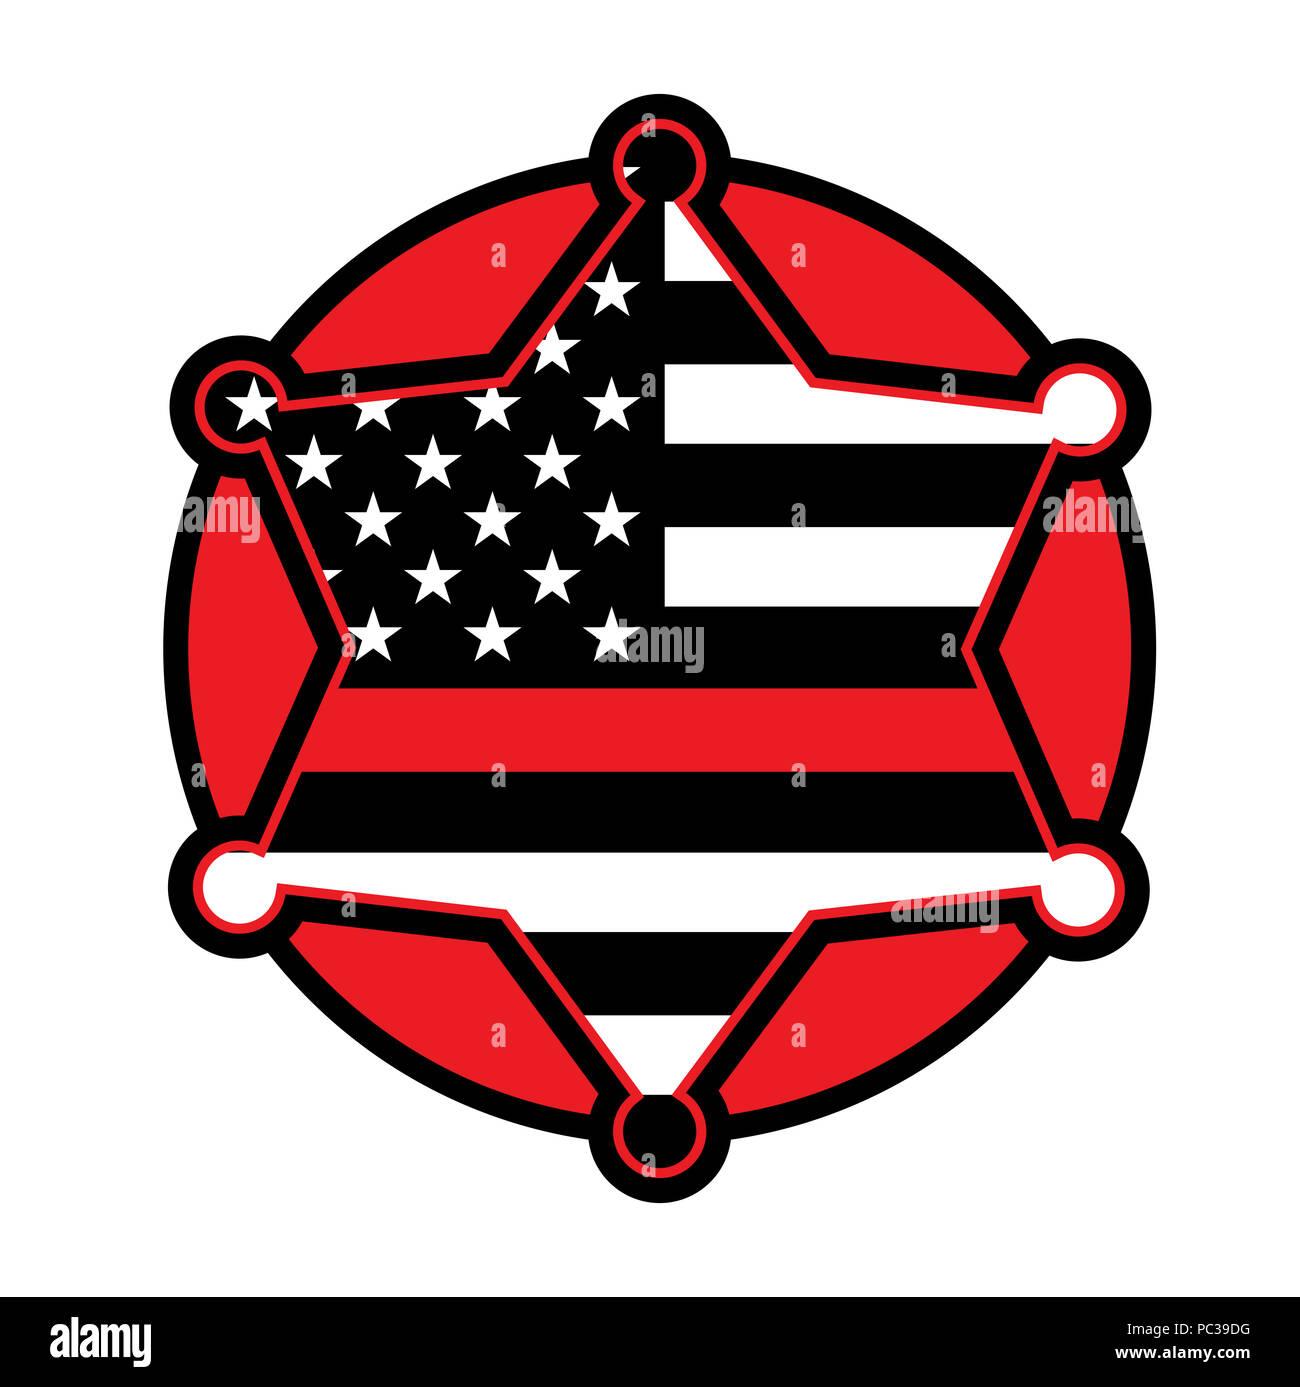 a red firefighter fireman badge emblem illustration vector eps 10